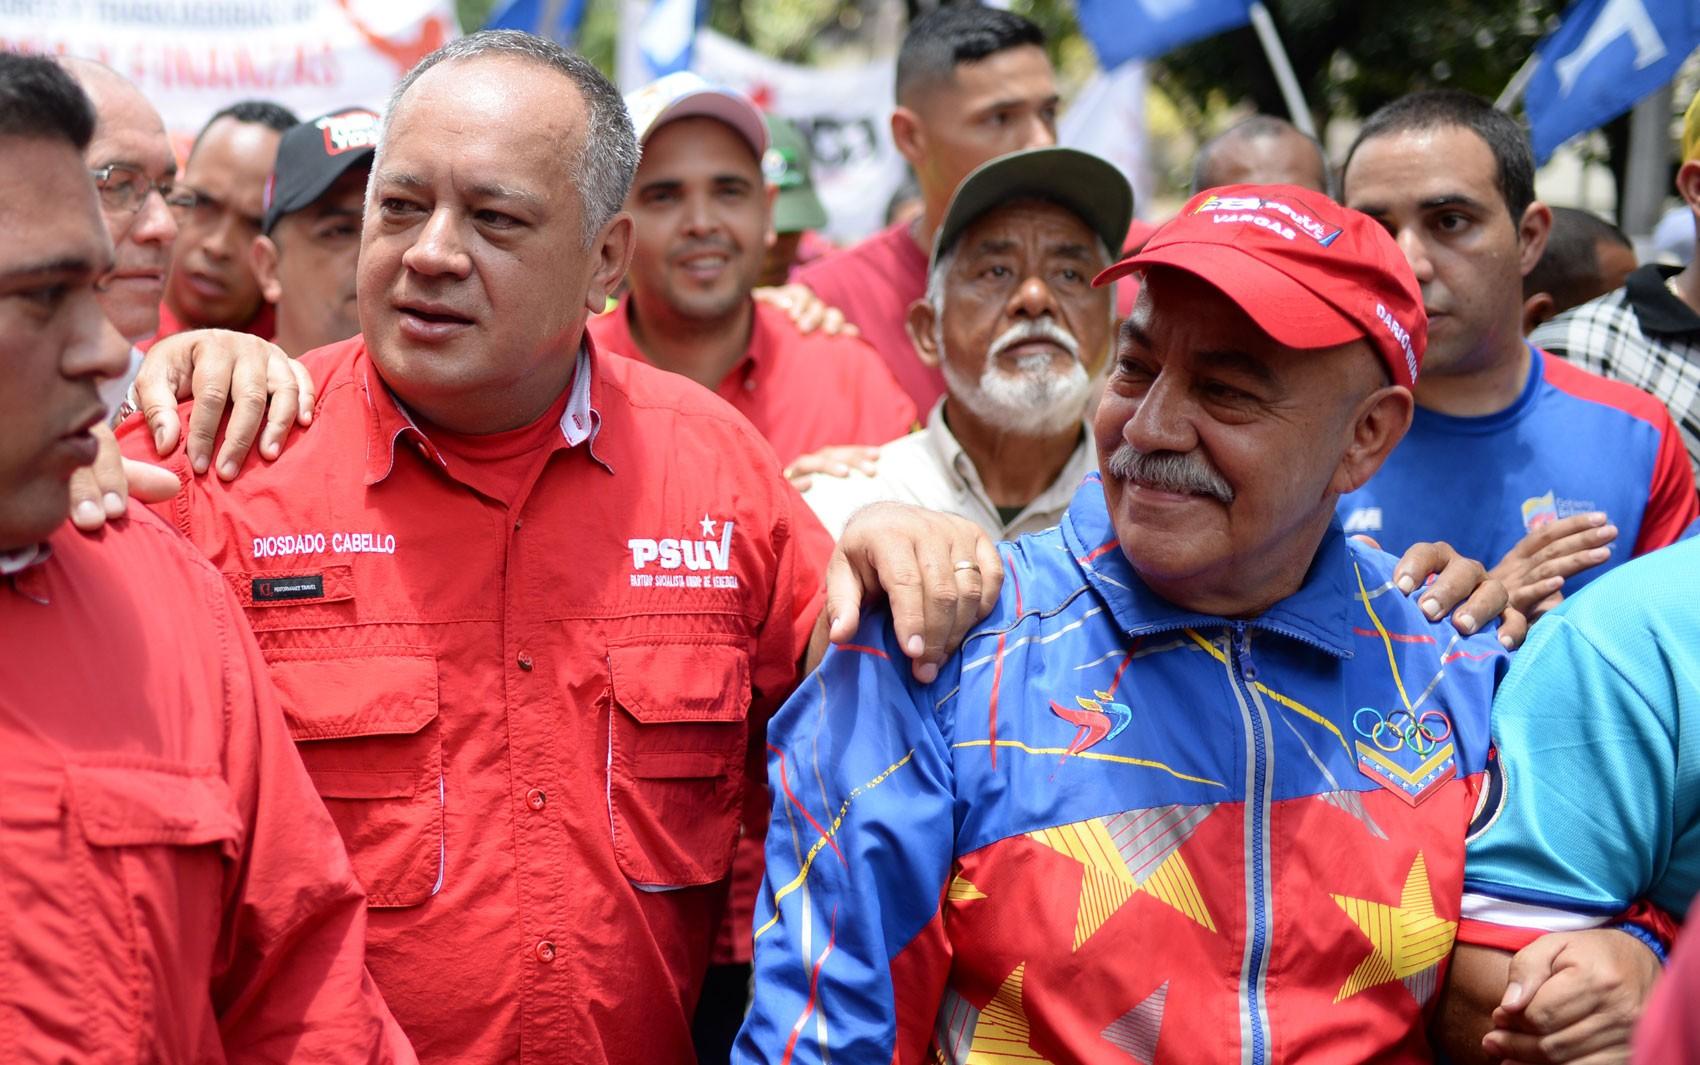 Governador do distrito de Caracas e importante aliado de Maduro morre de Covid-19